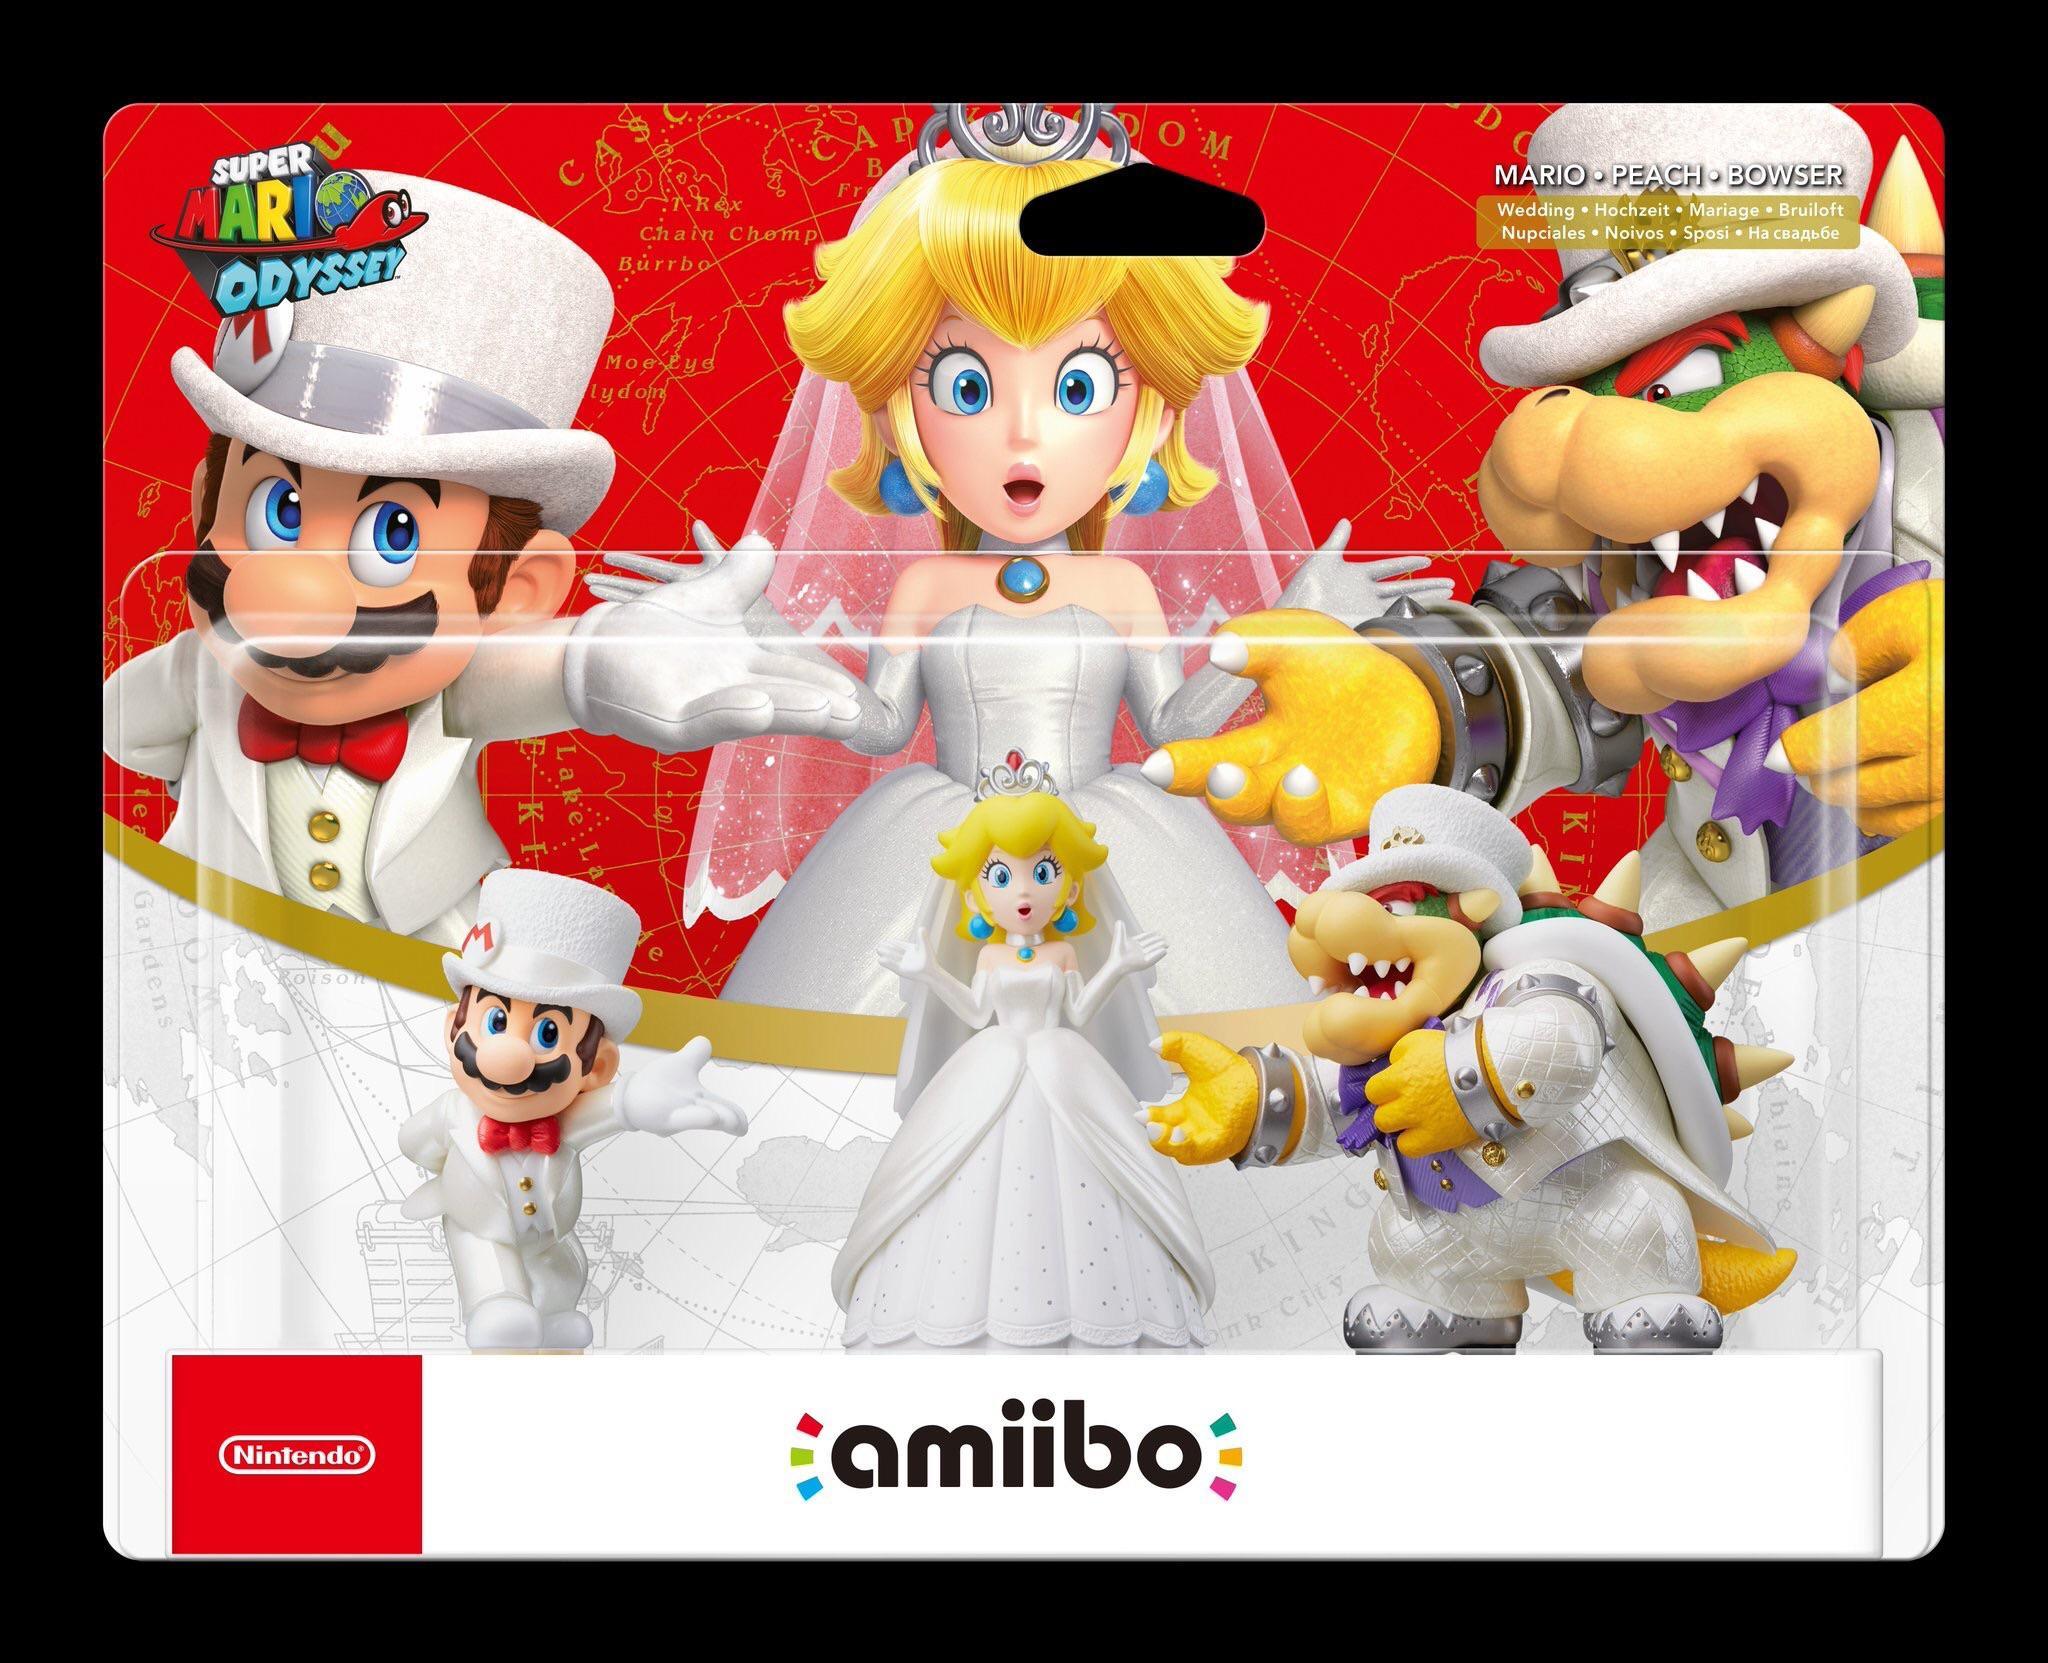 Mario Peach Bowser Amiibo Super Mario Odyssey